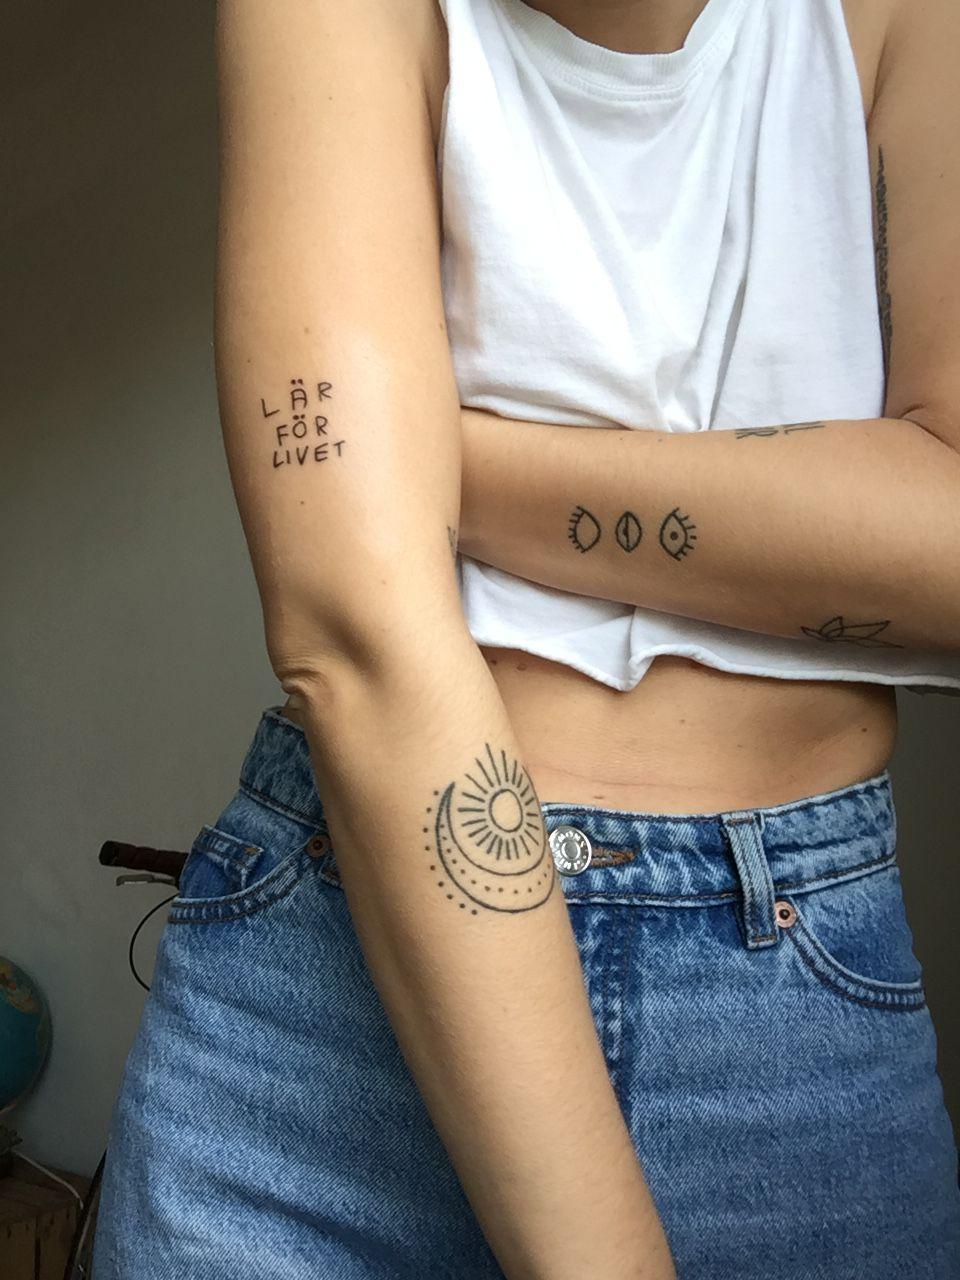 Hayliepowers Tattoo Ideas Tattoos Sun Tattoos Poke Tattoo